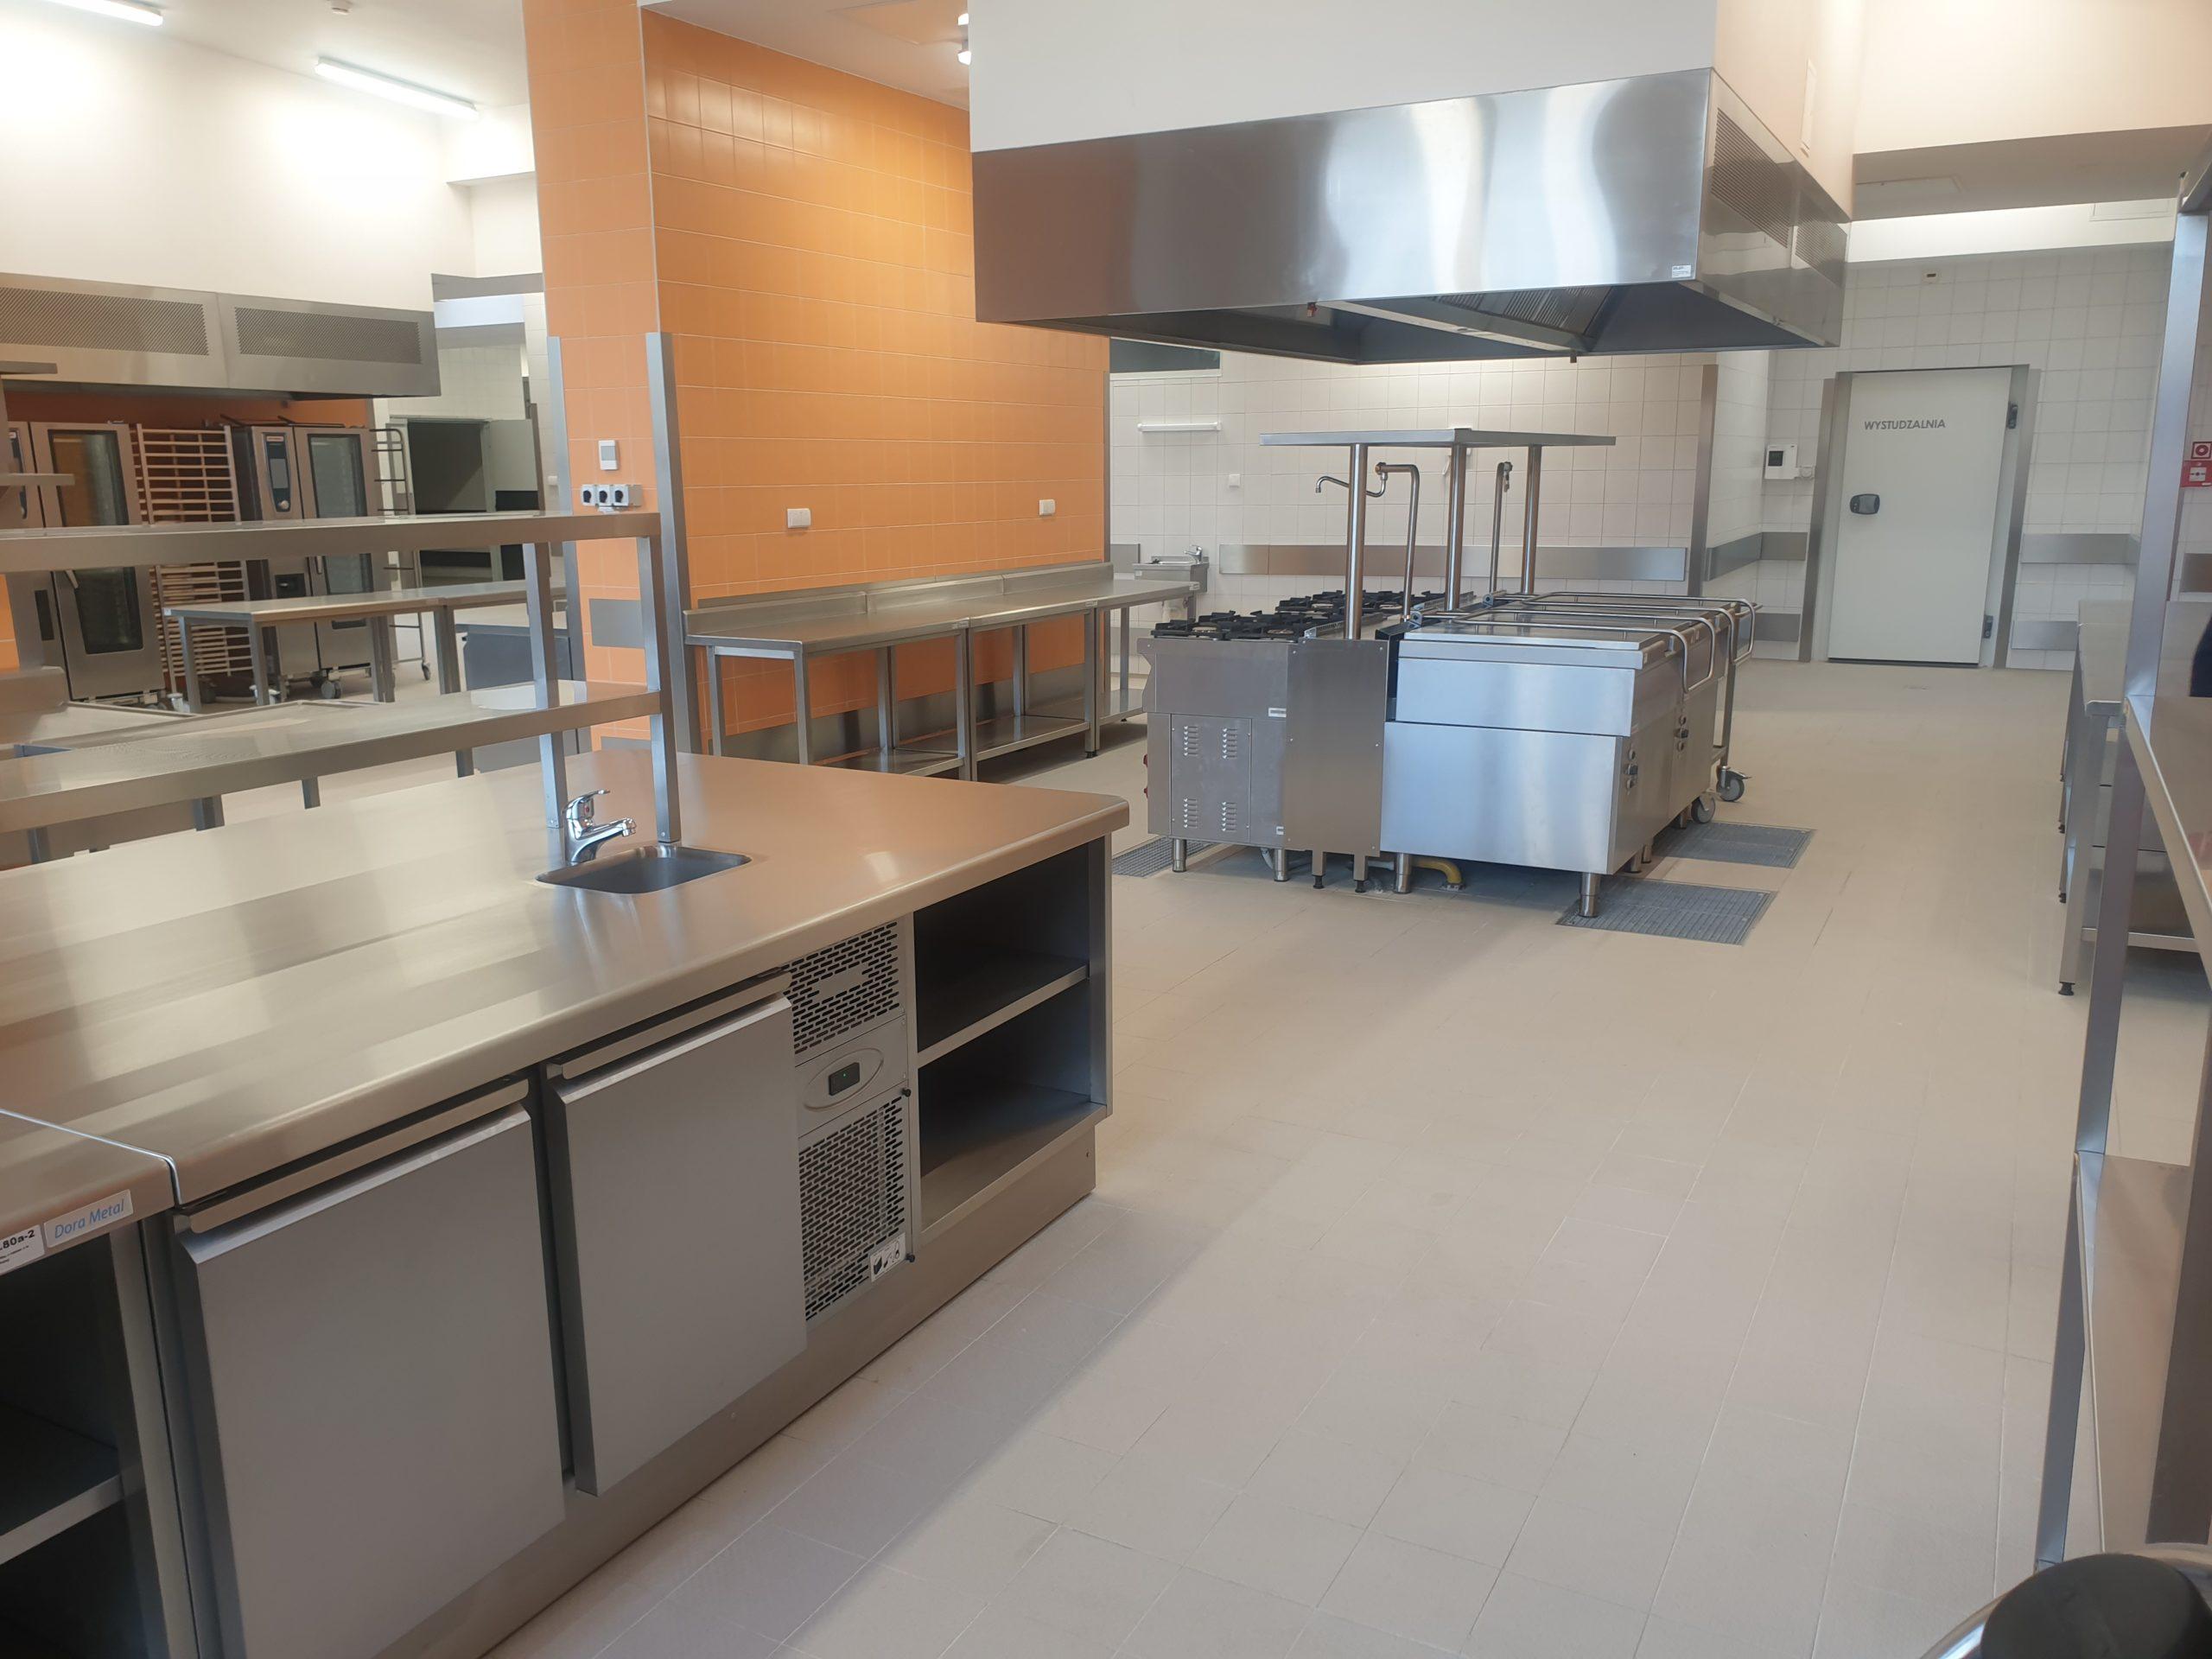 2020 - ALLGAST - Szpital im. Biziela w Bydgoszczy - kuchnia - PL (1)